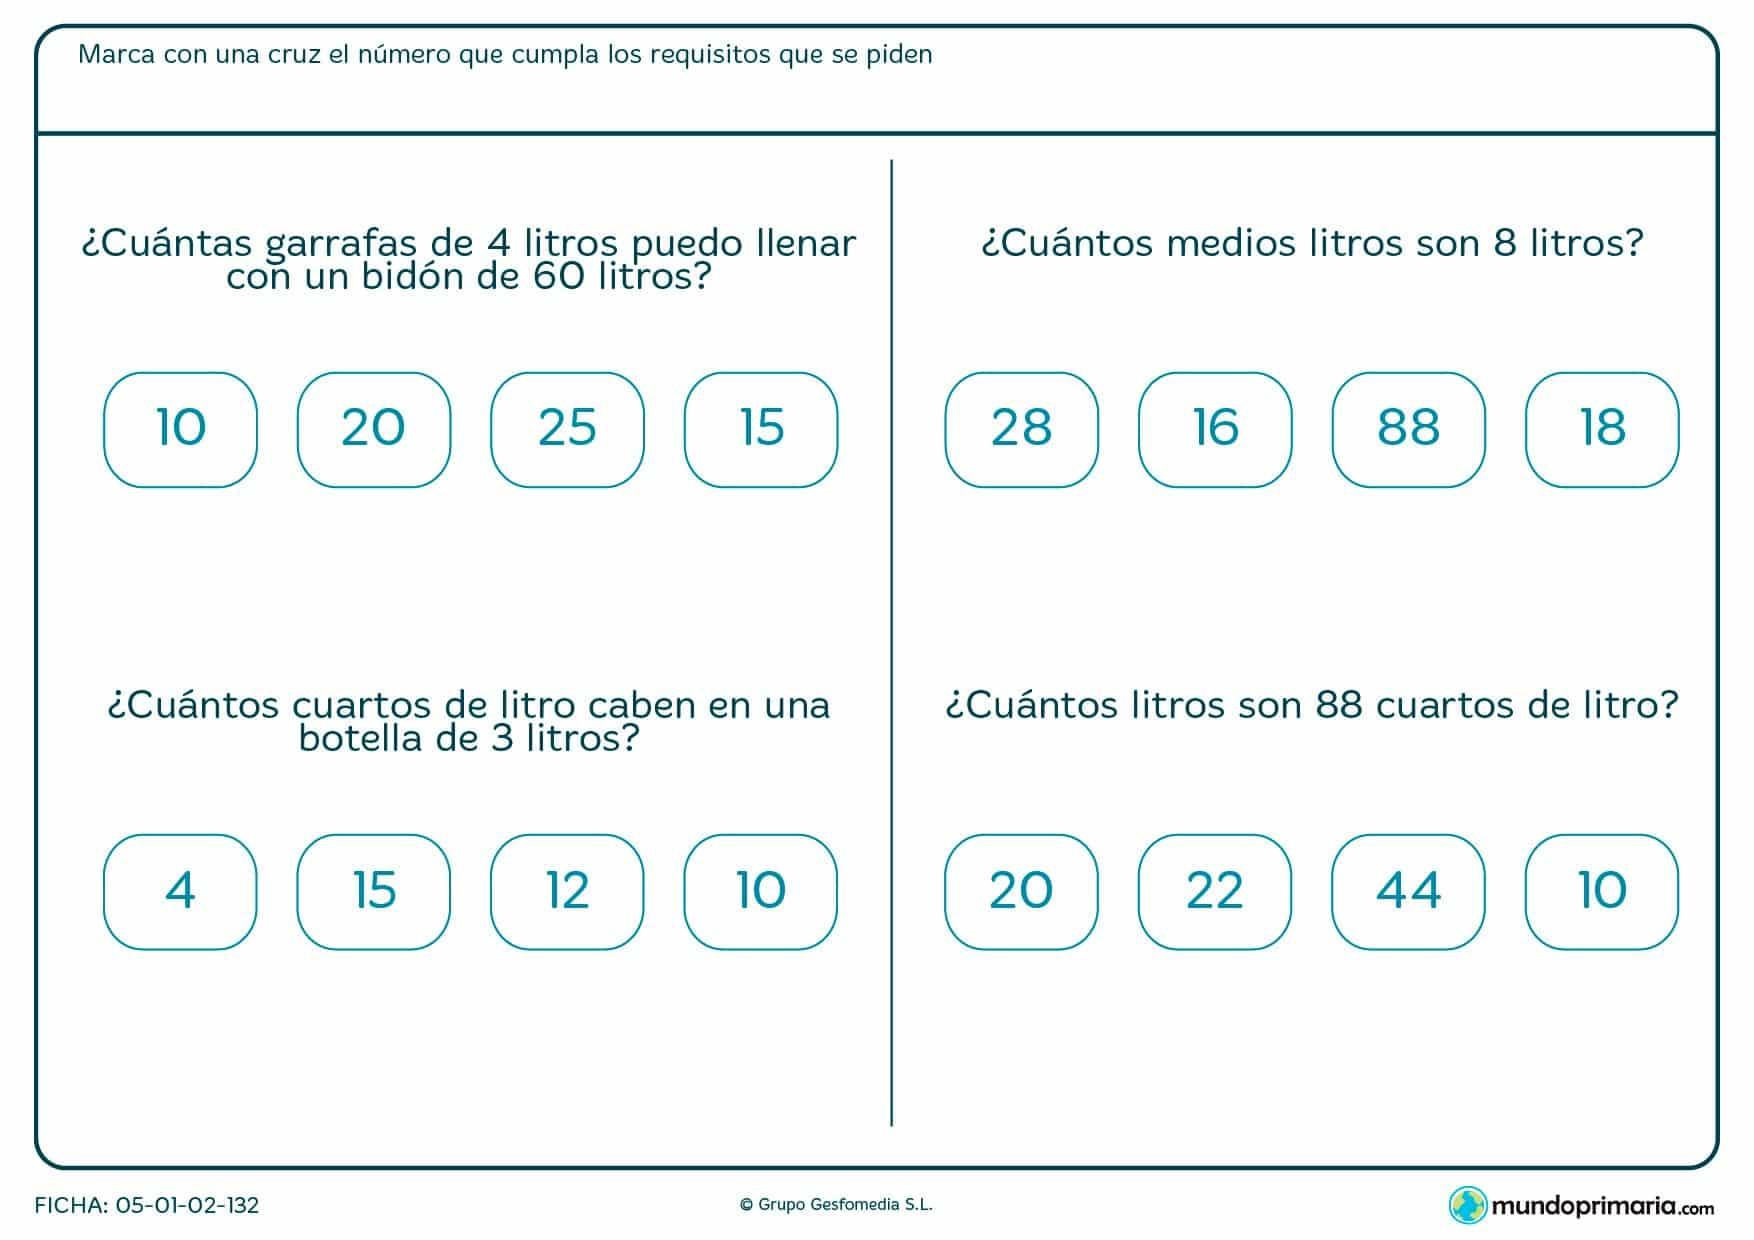 Ficha de cuartos de litro que has de pasar a litros o medios litros según el caso.